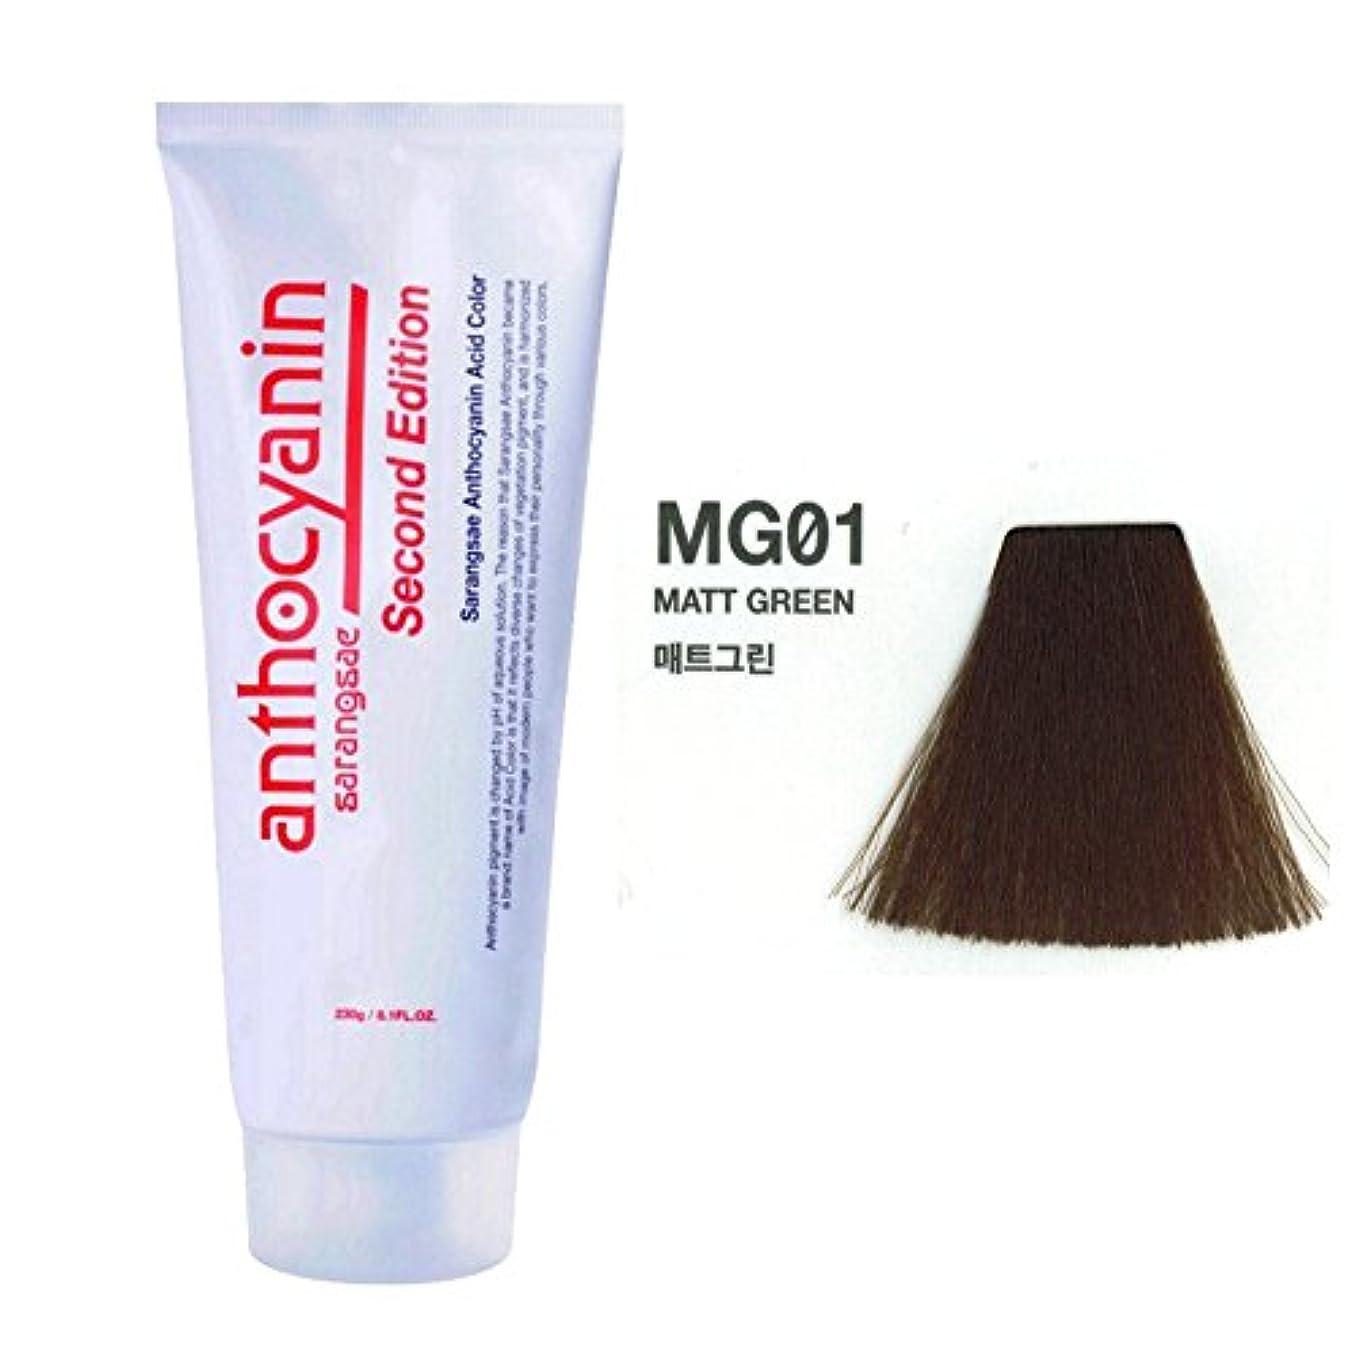 可能コメンテーター劇場ヘア マニキュア カラー セカンド エディション 230g セミ パーマネント 染毛剤 (Hair Manicure Color Second Edition 230g Semi Permanent Hair Dye) [並行輸入品] (MG01 Marr Green)